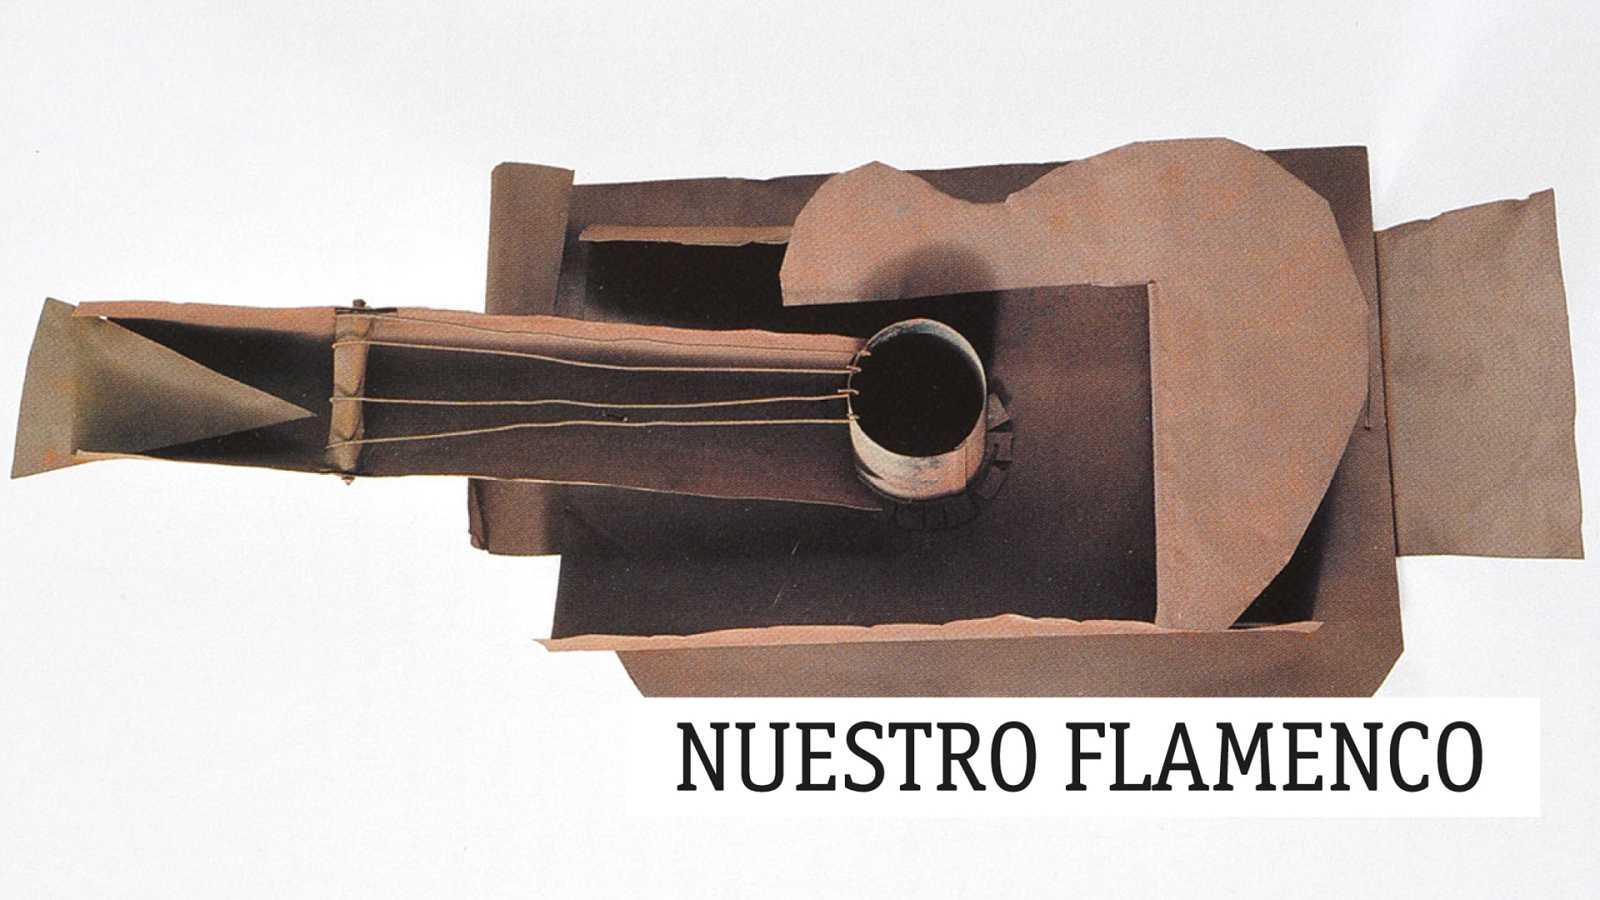 Nuestro flamenco - La memoria de El Niño de Elche - 25/02/21 - escuchar ahora